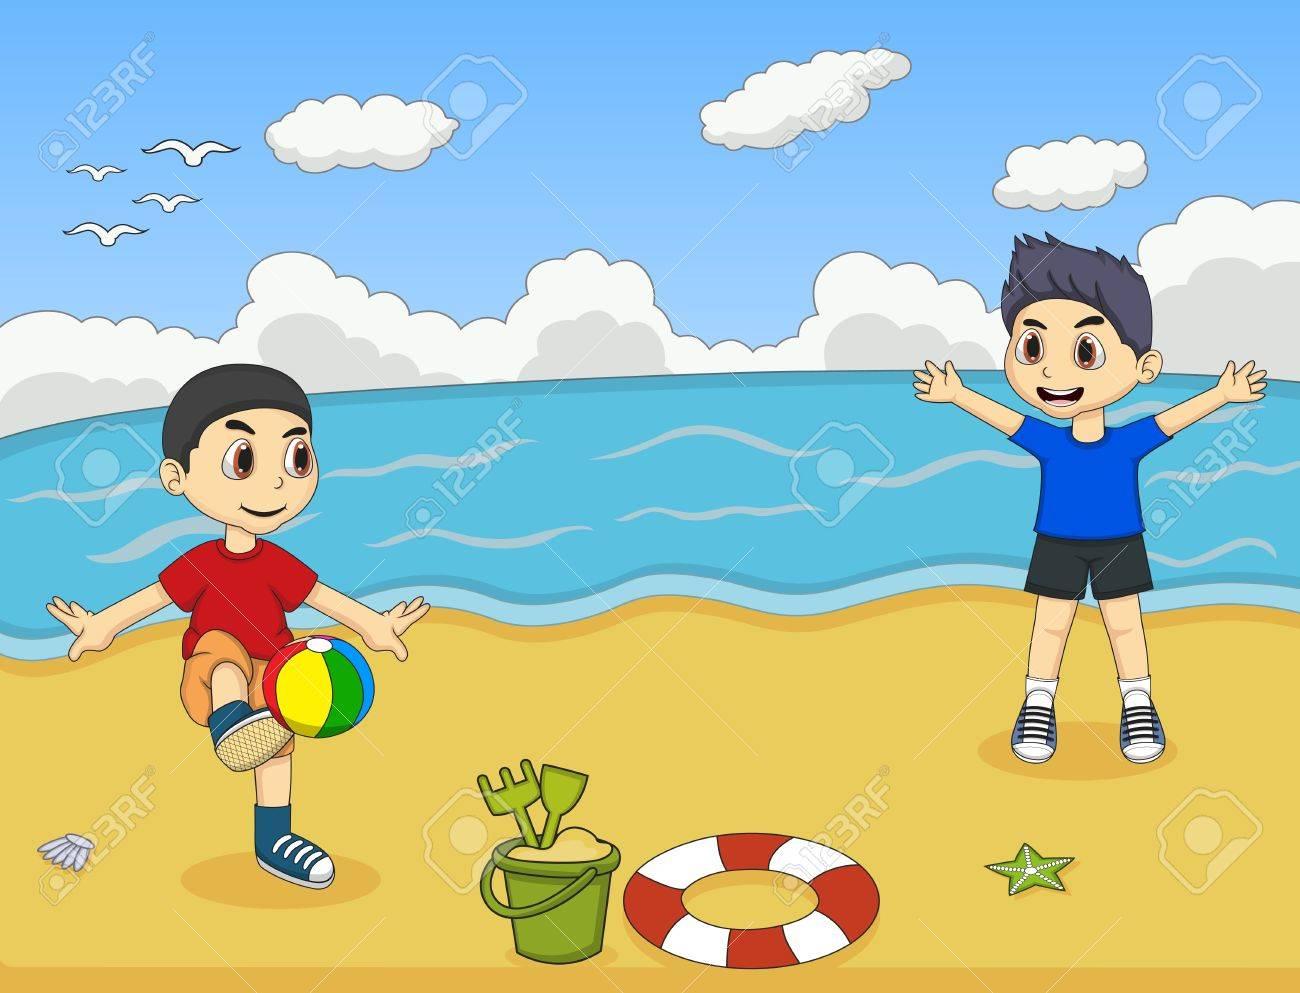 Niño Juega La Bola En La Ilustración Vectorial De Dibujos Animados